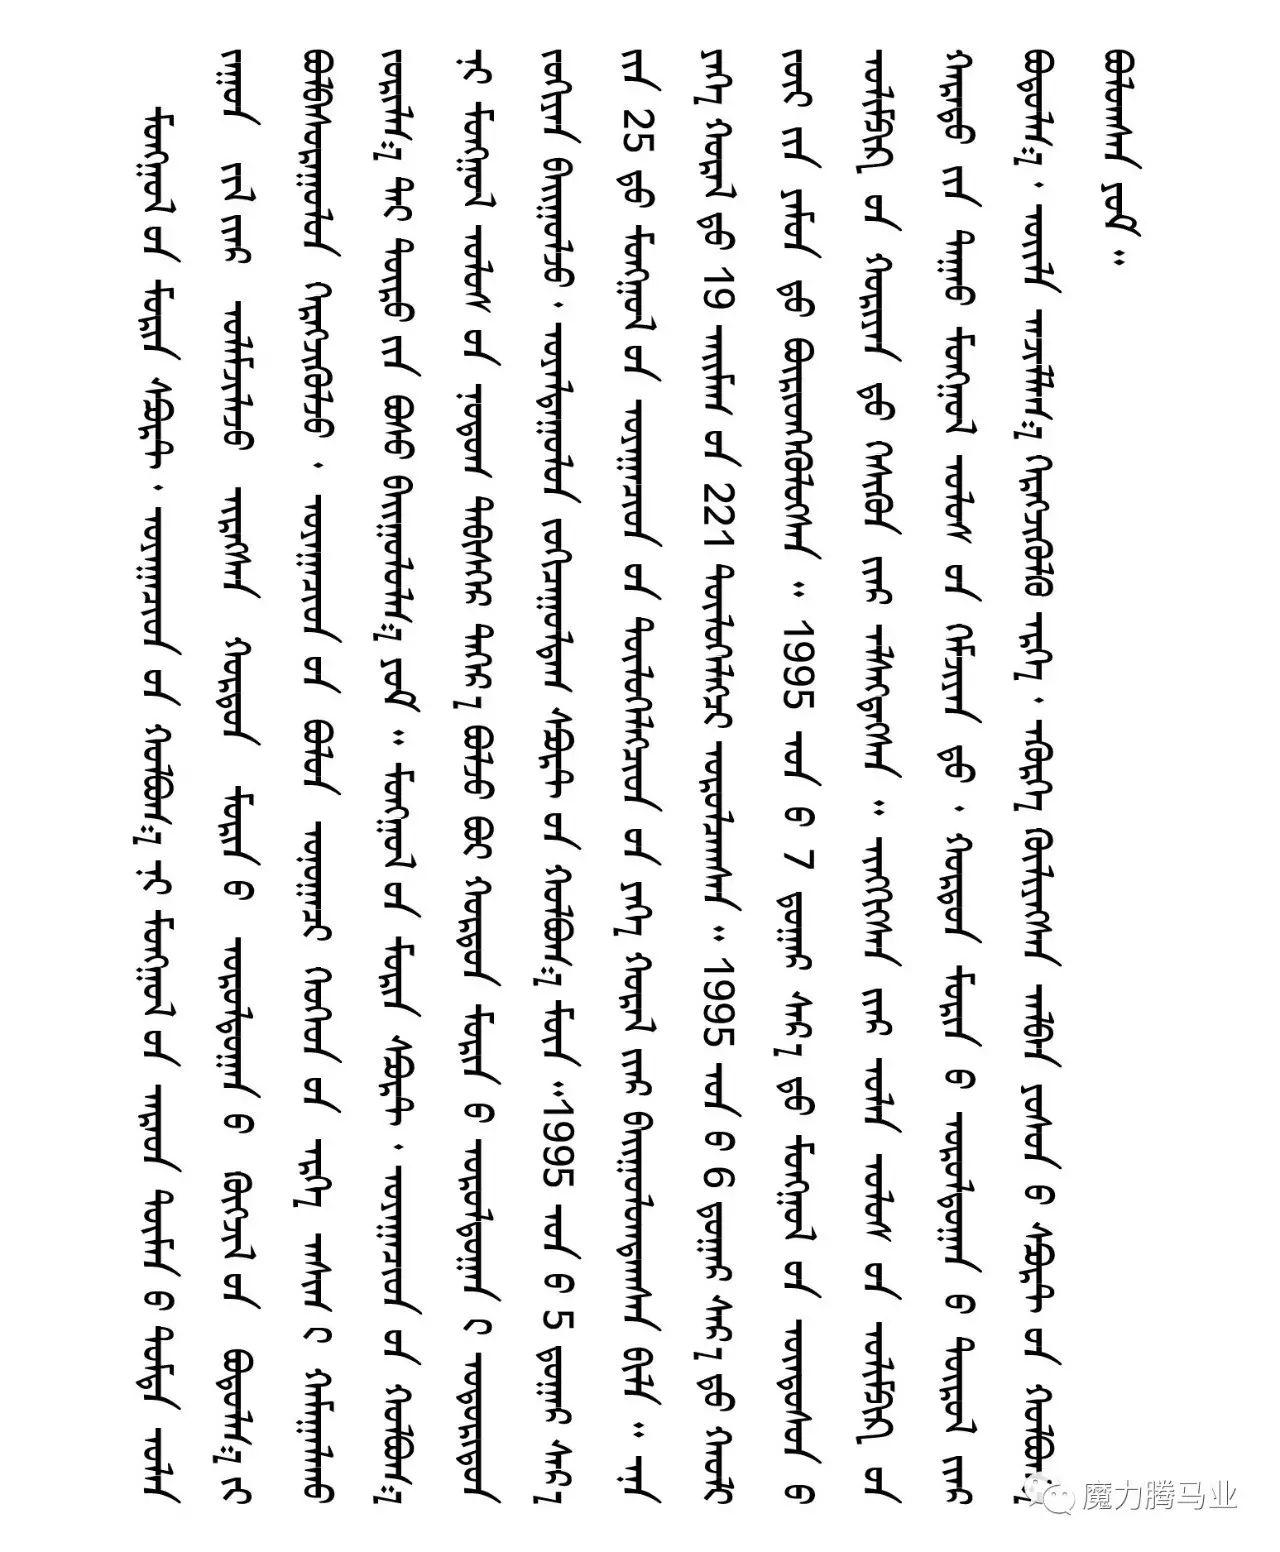 蒙古国赛马章程介绍 第3张 蒙古国赛马章程介绍 蒙古文库